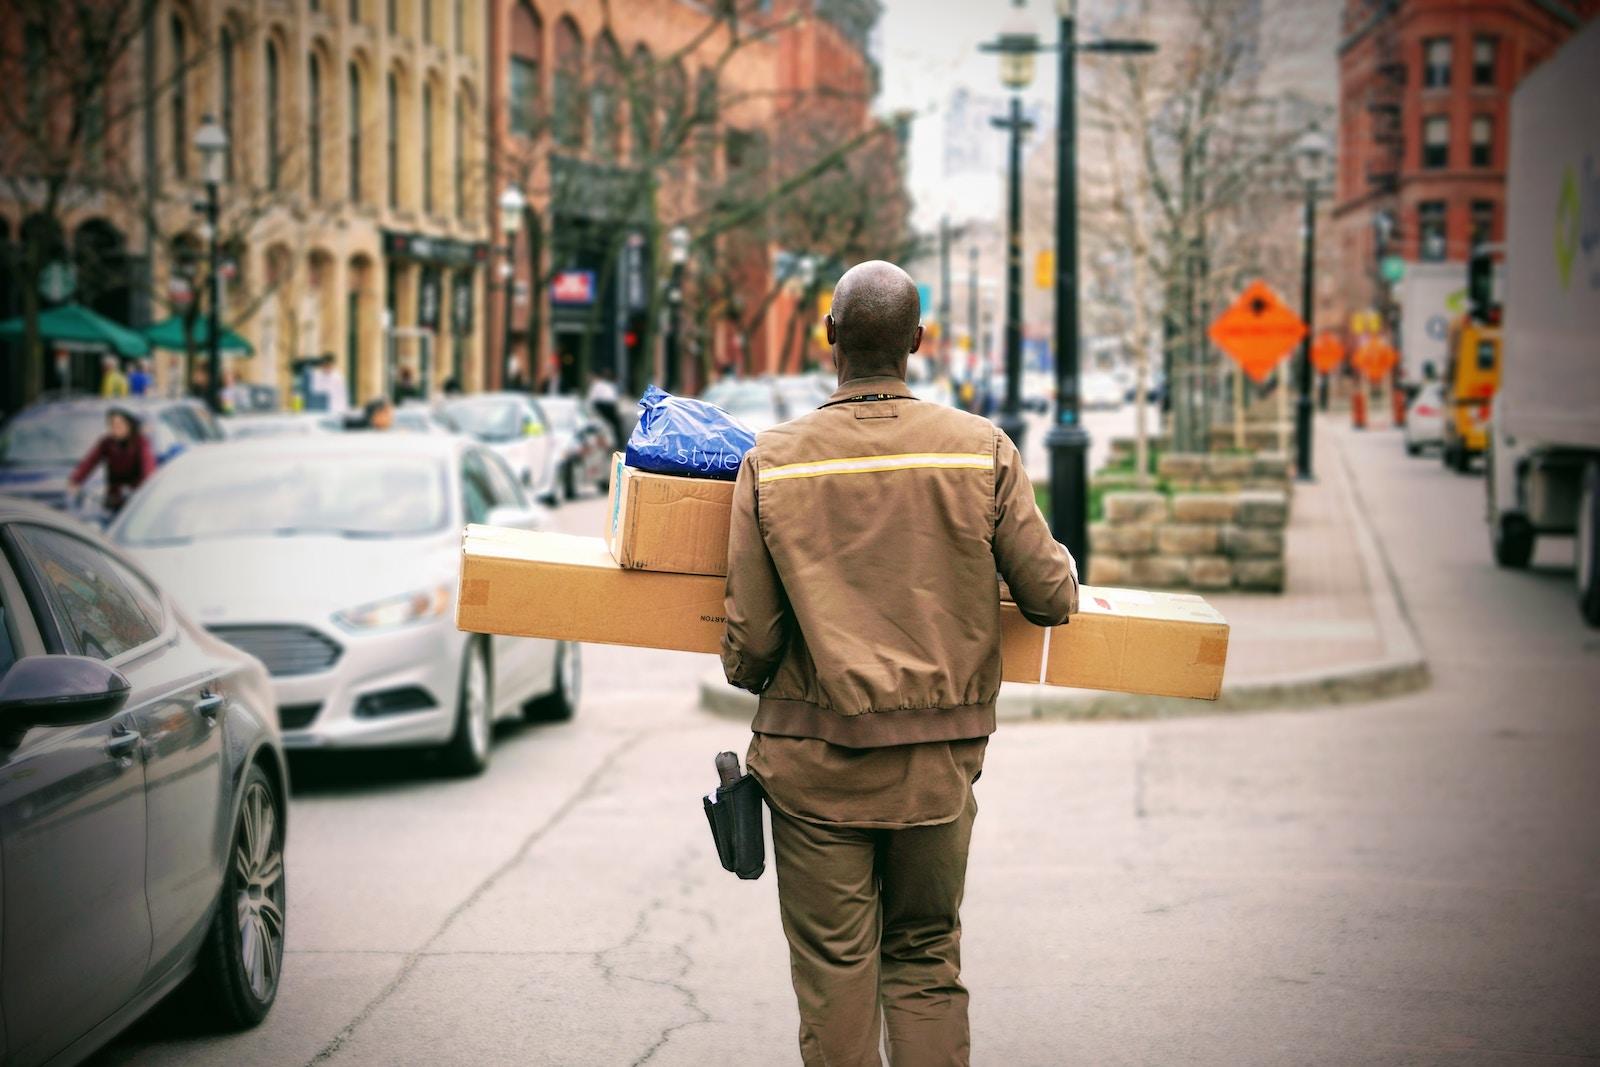 kurier niosący paczki po ulicy w mieście.